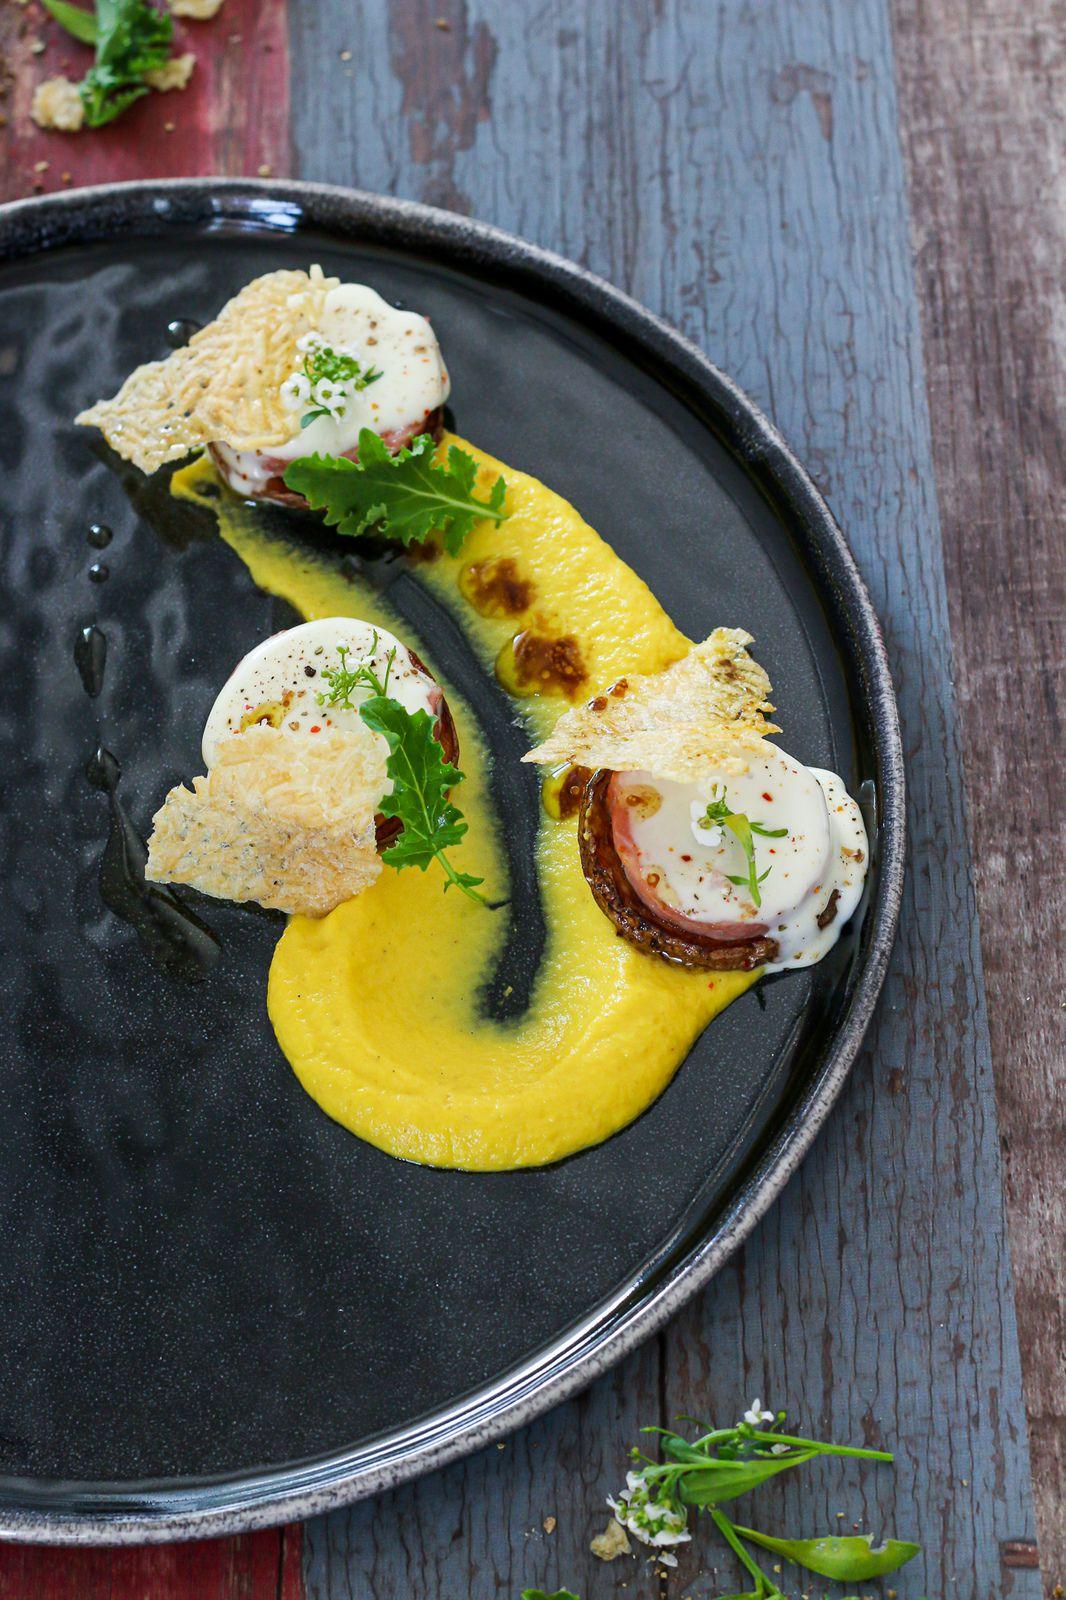 Canapé de pommes de terre crousti-fondant à la saucisse de Morteau & purée de carottes jaunes